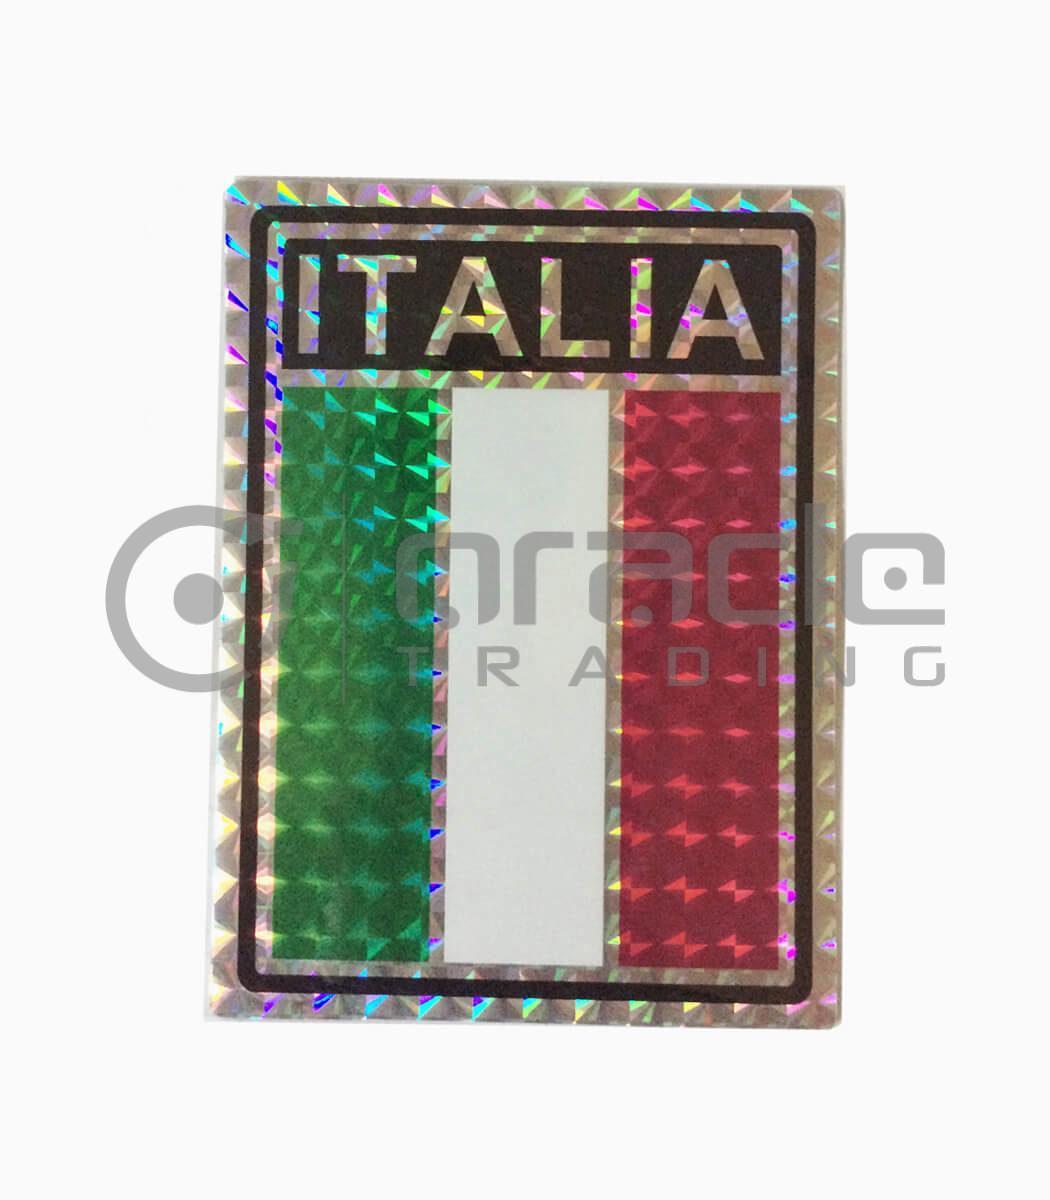 Italia Square Bumper Sticker